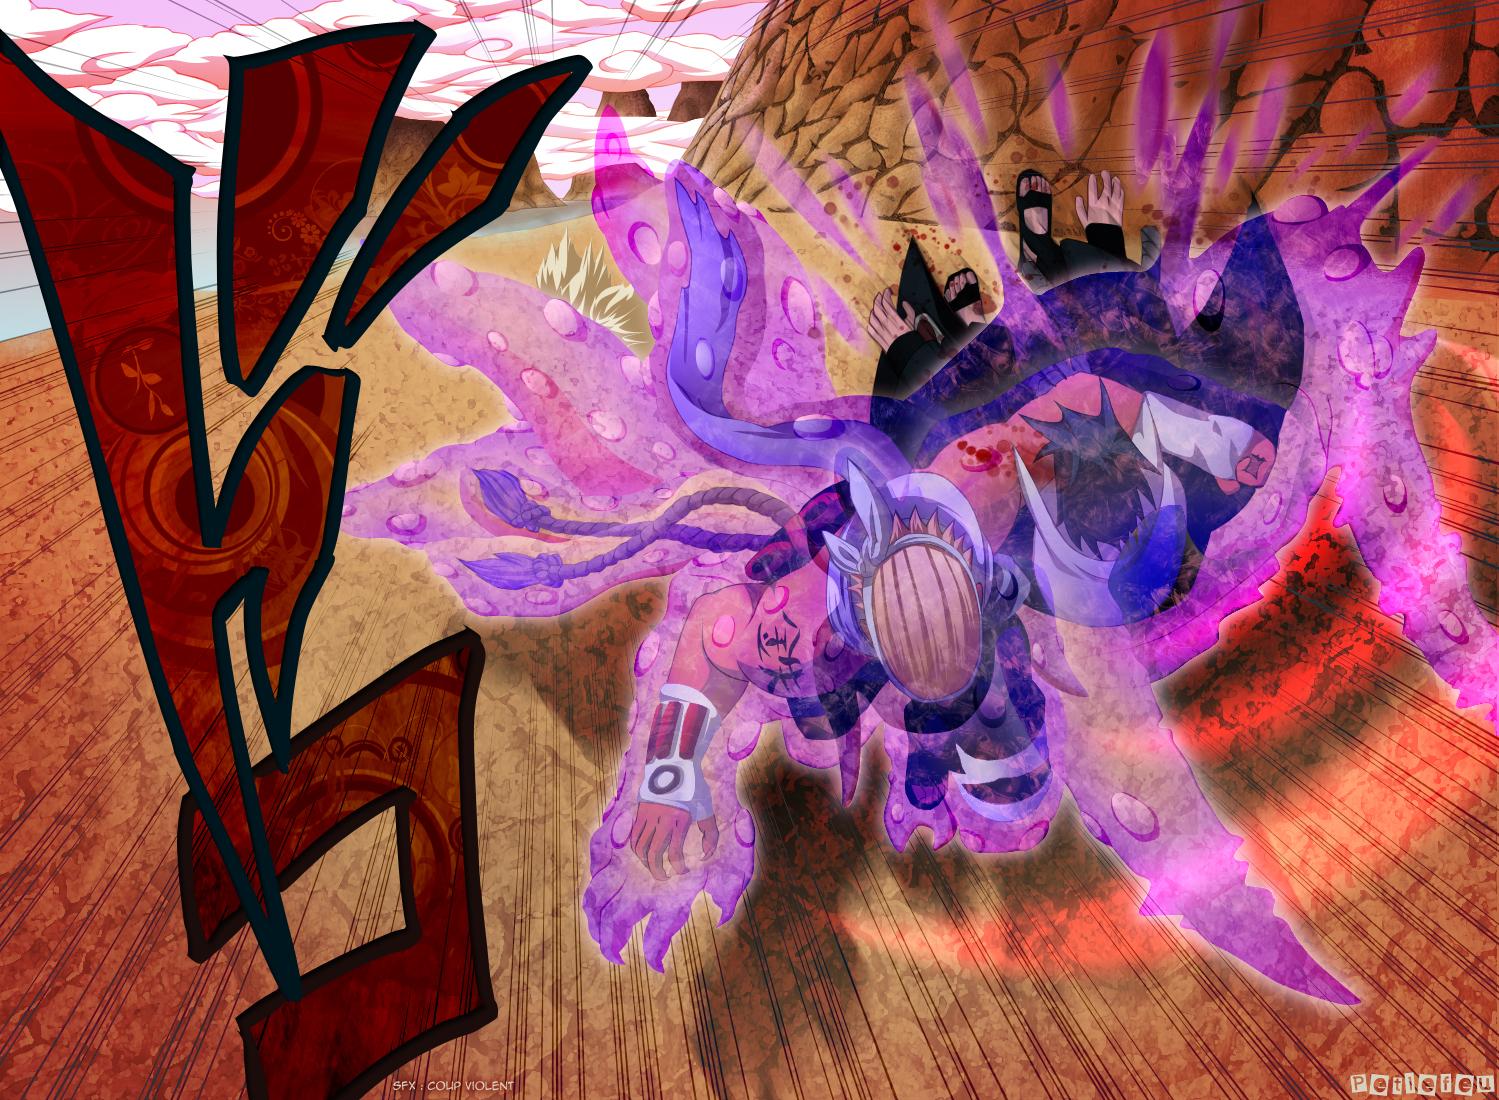 hachibi explosi... Hachibi Version 2